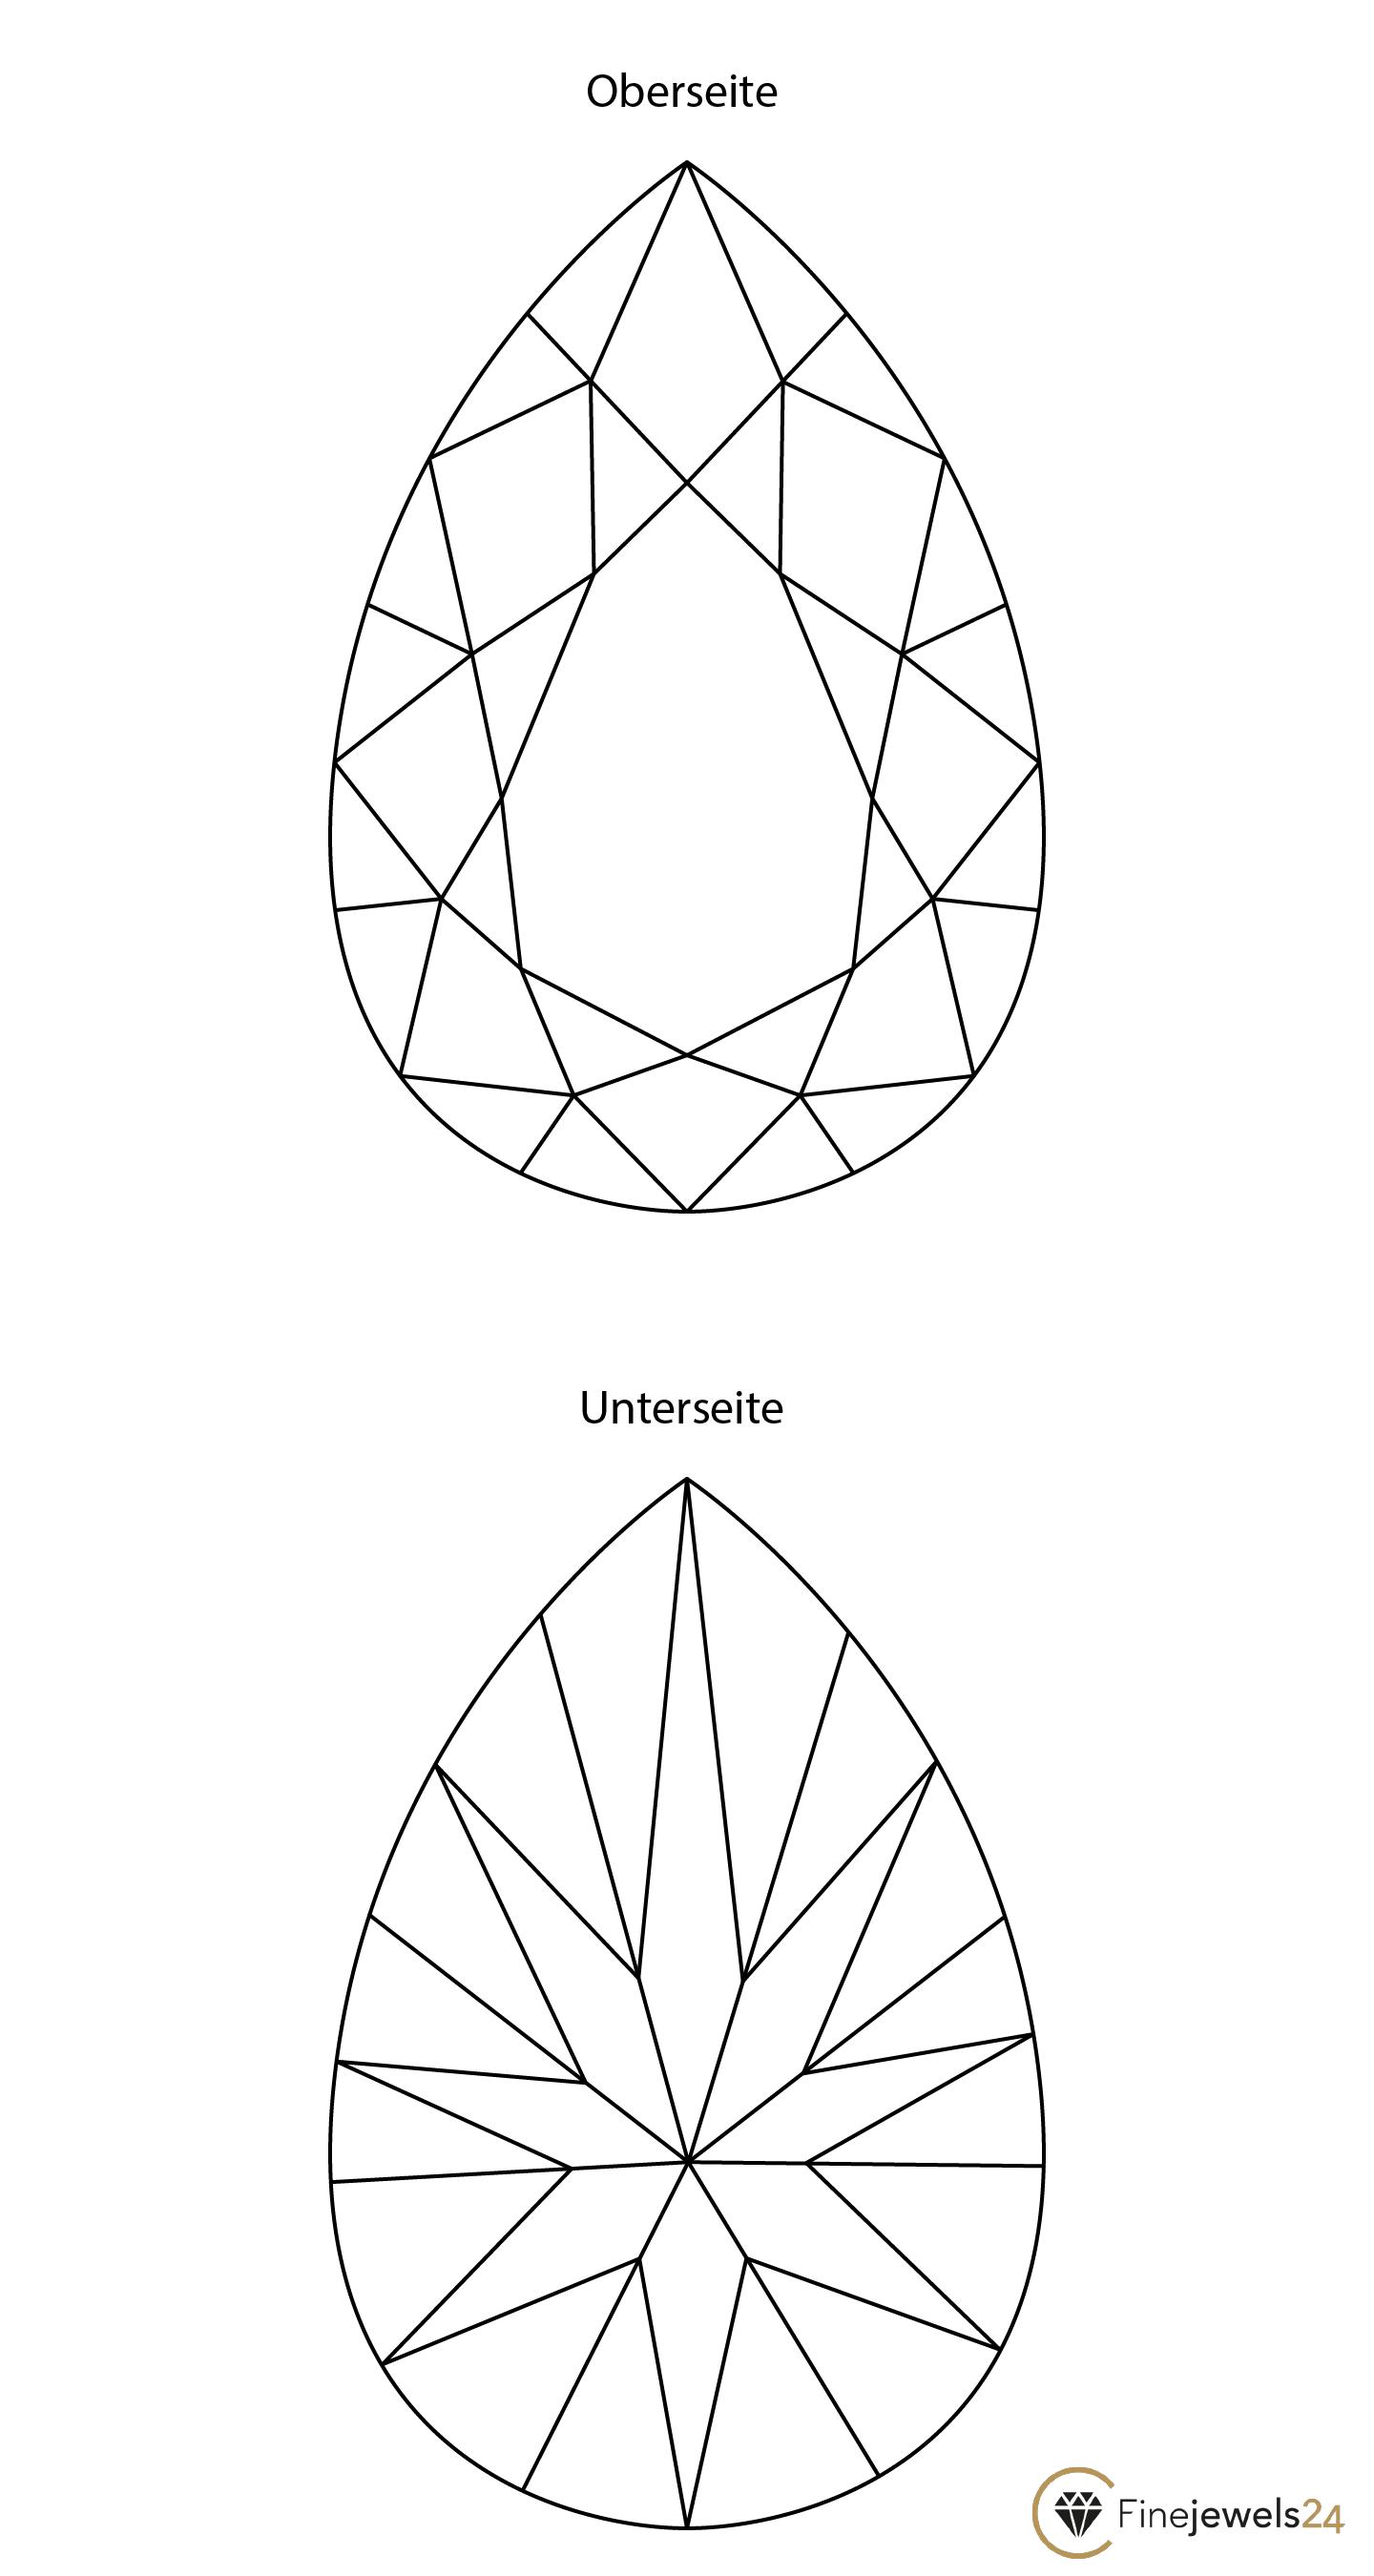 Tropfenschliff Oberseite und Unterseite